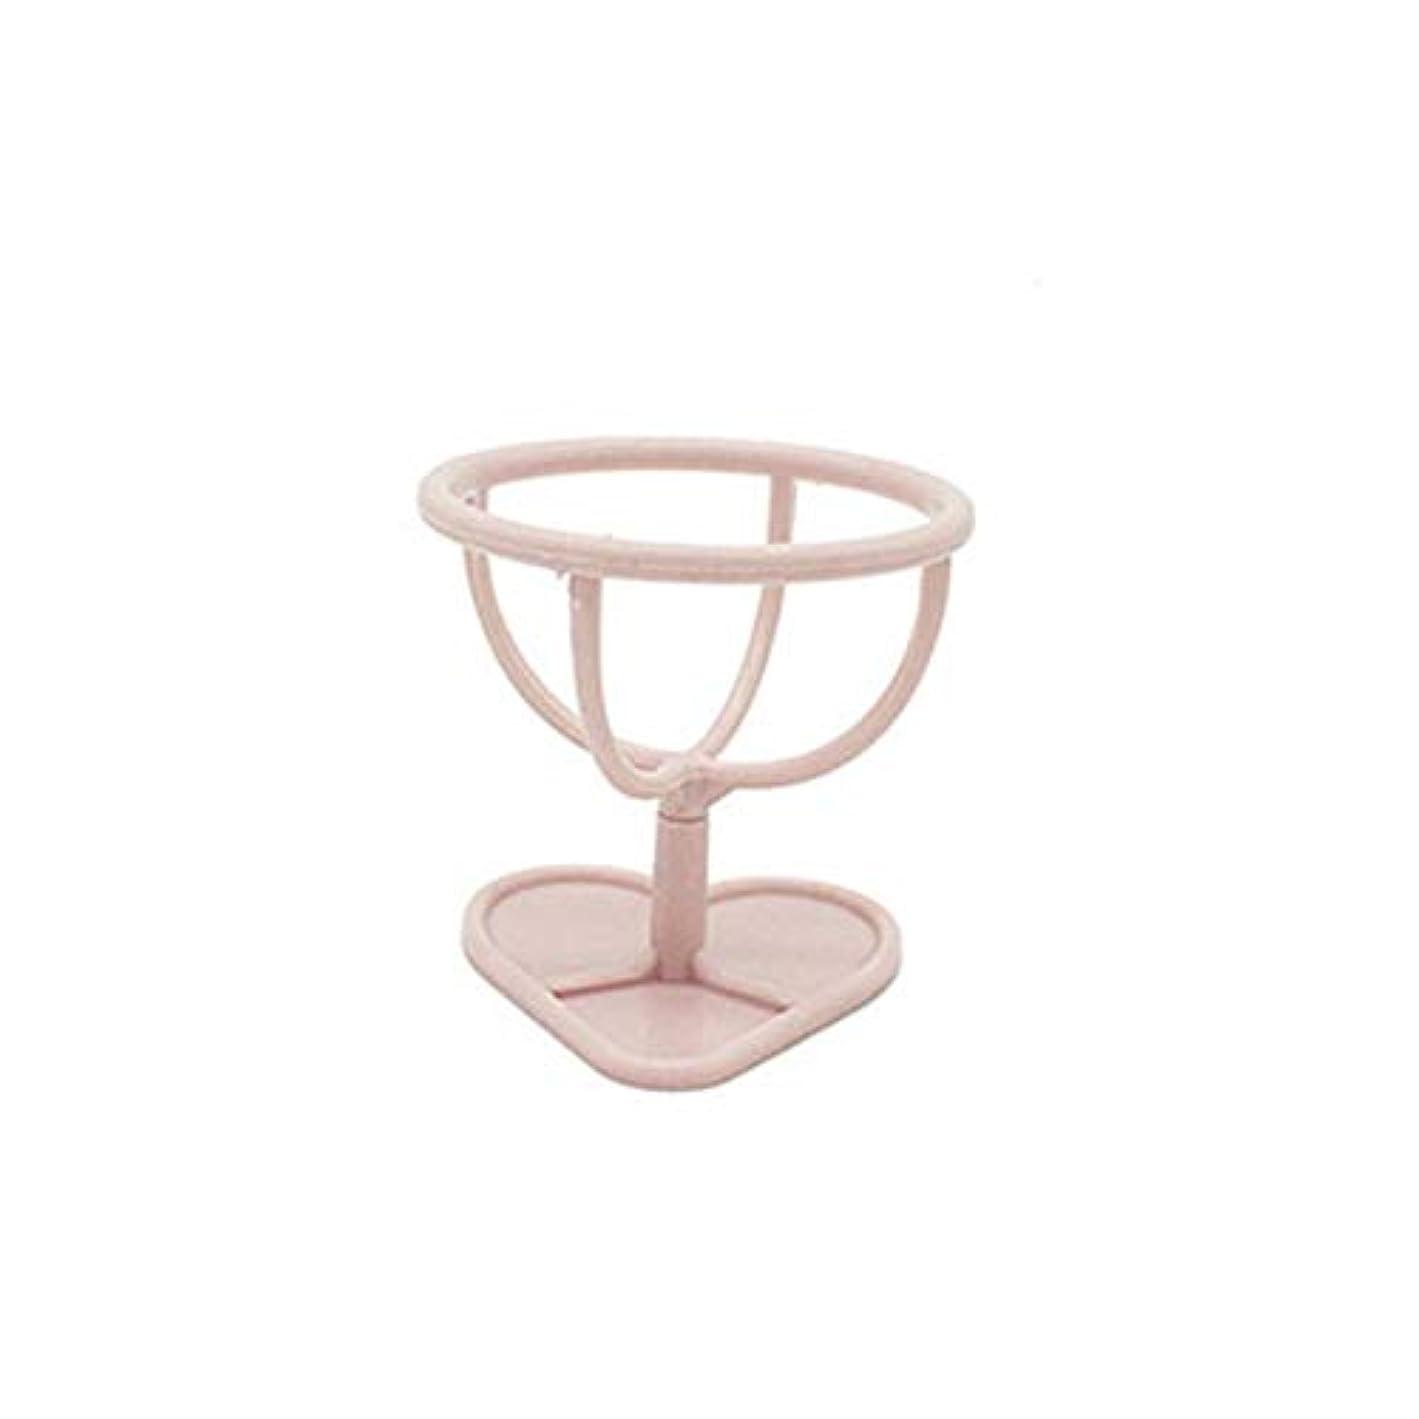 悲劇衝突コース黄ばむパフ美容メイクスポンジホルダー化粧品スポンジスタンド卵粉パフ収納ラックドライヤー化粧オーガナイザー棚ツールキット(Color:pink)